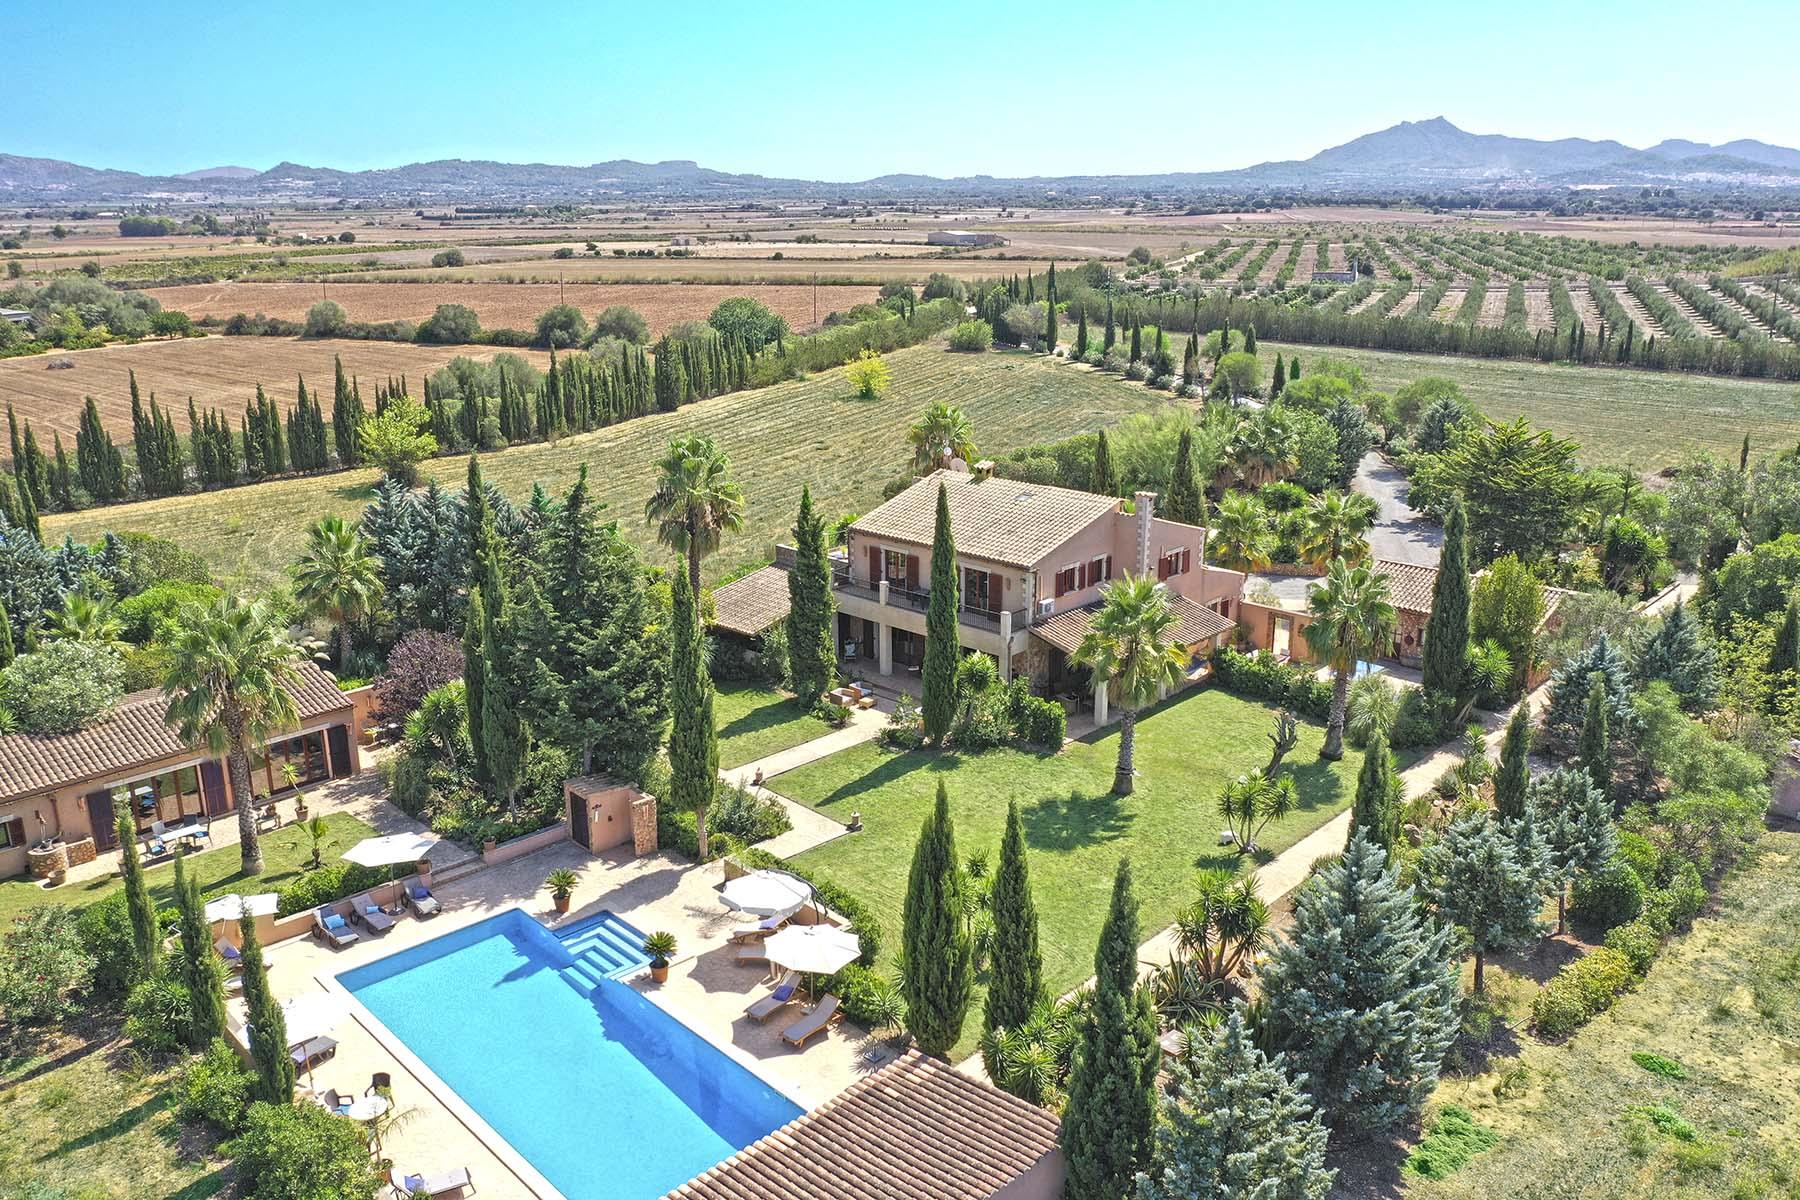 Impresionante Finca con piscina, casas de invitados y vistas panorámicas en Felanitx